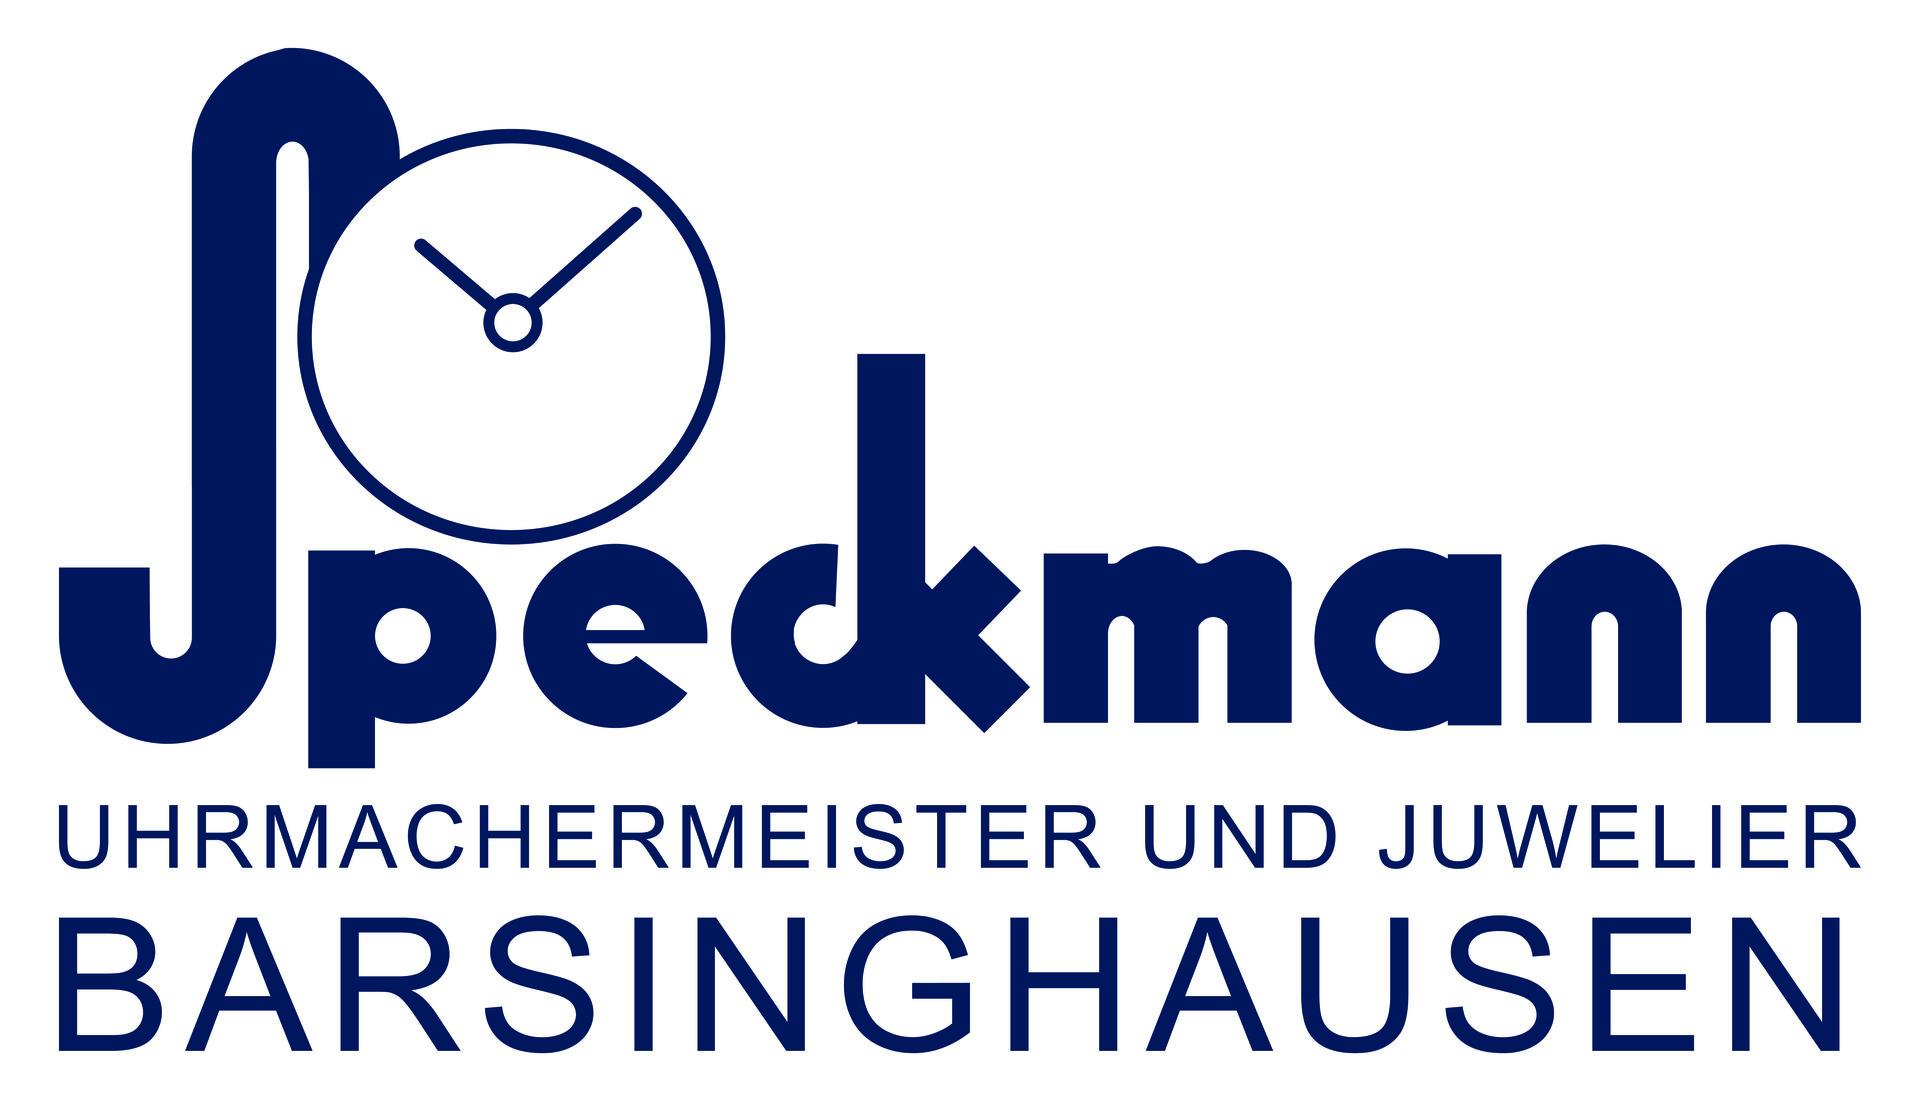 LOGO_Speckmann_Barsinghausen-01